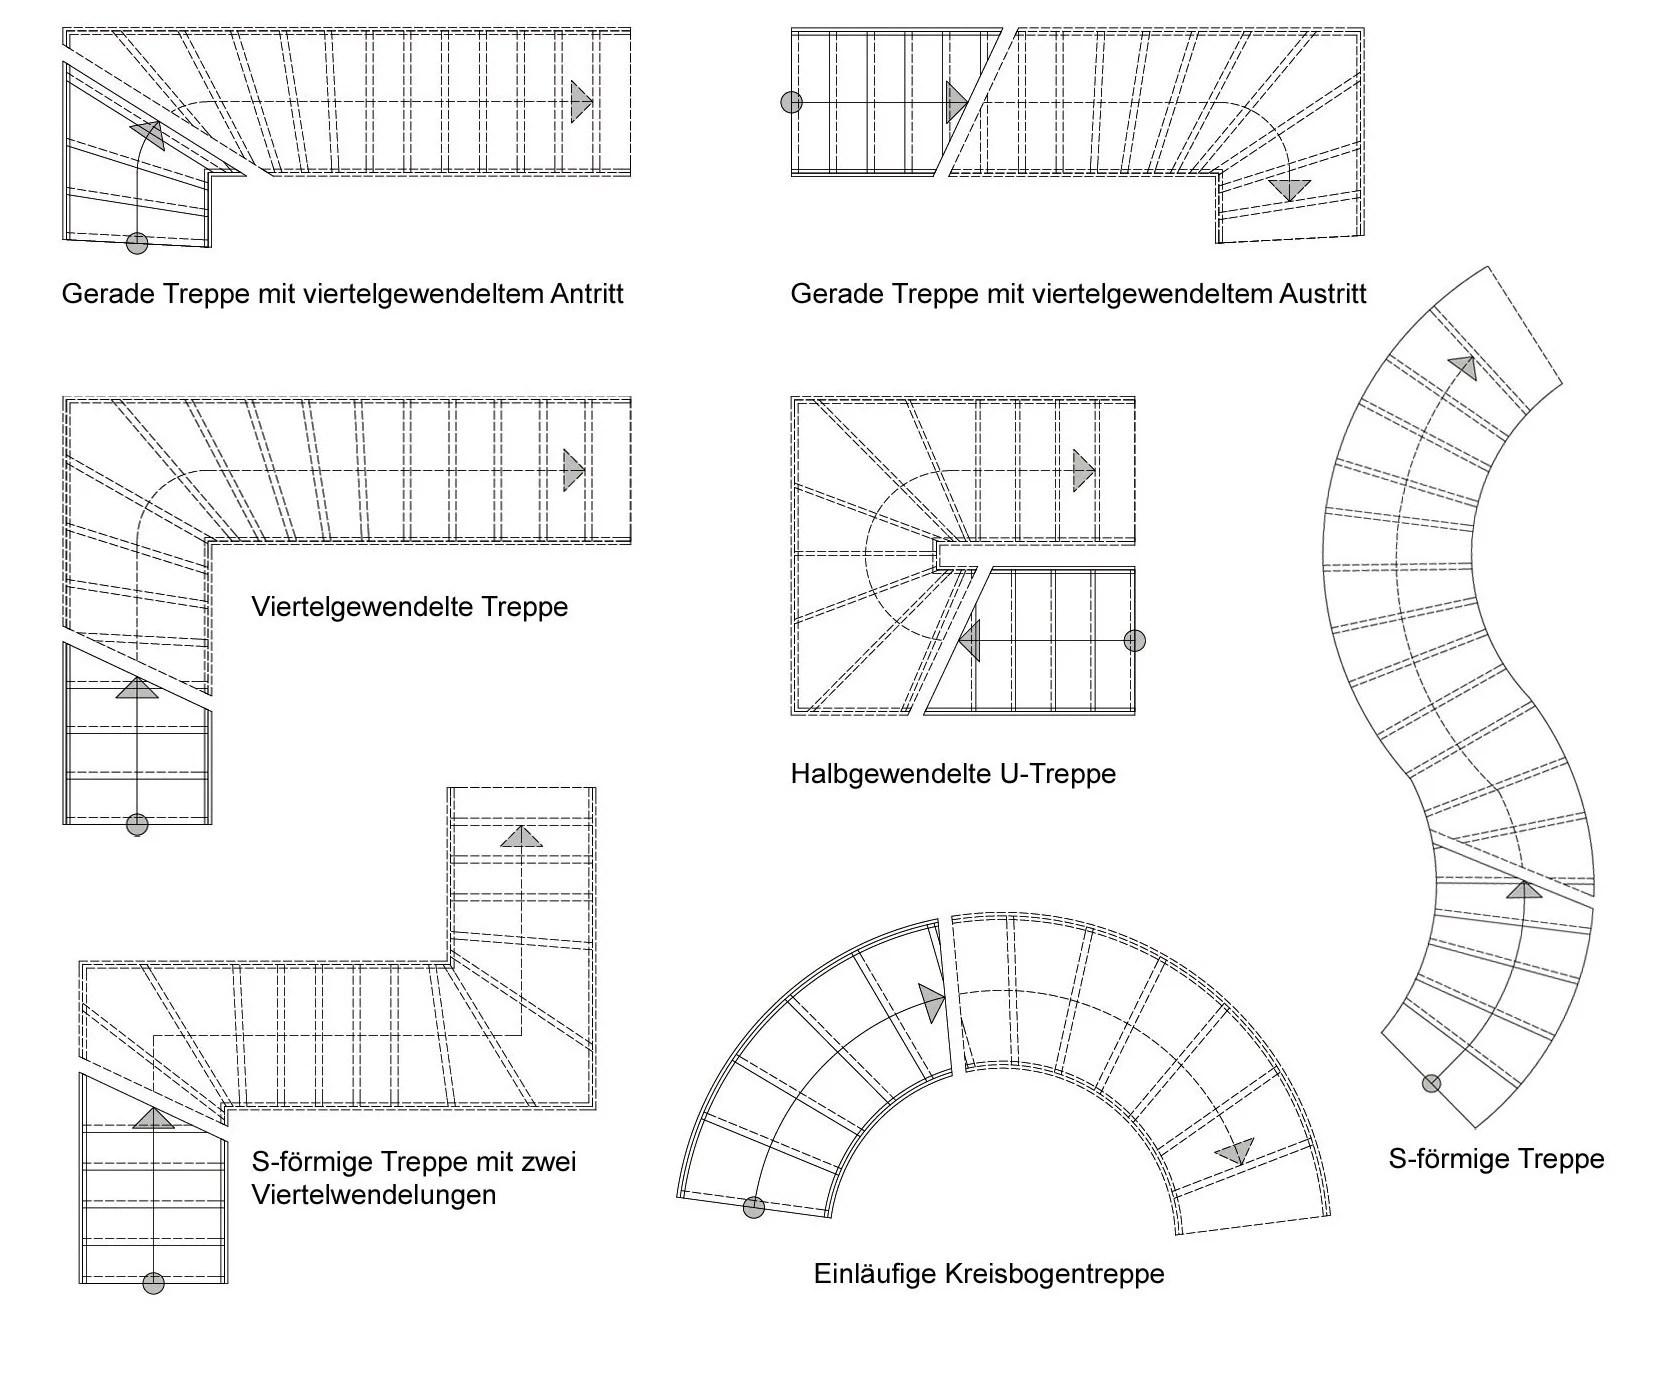 Gerade Treppen Treppen Treppenformen Baunetz_Wissen